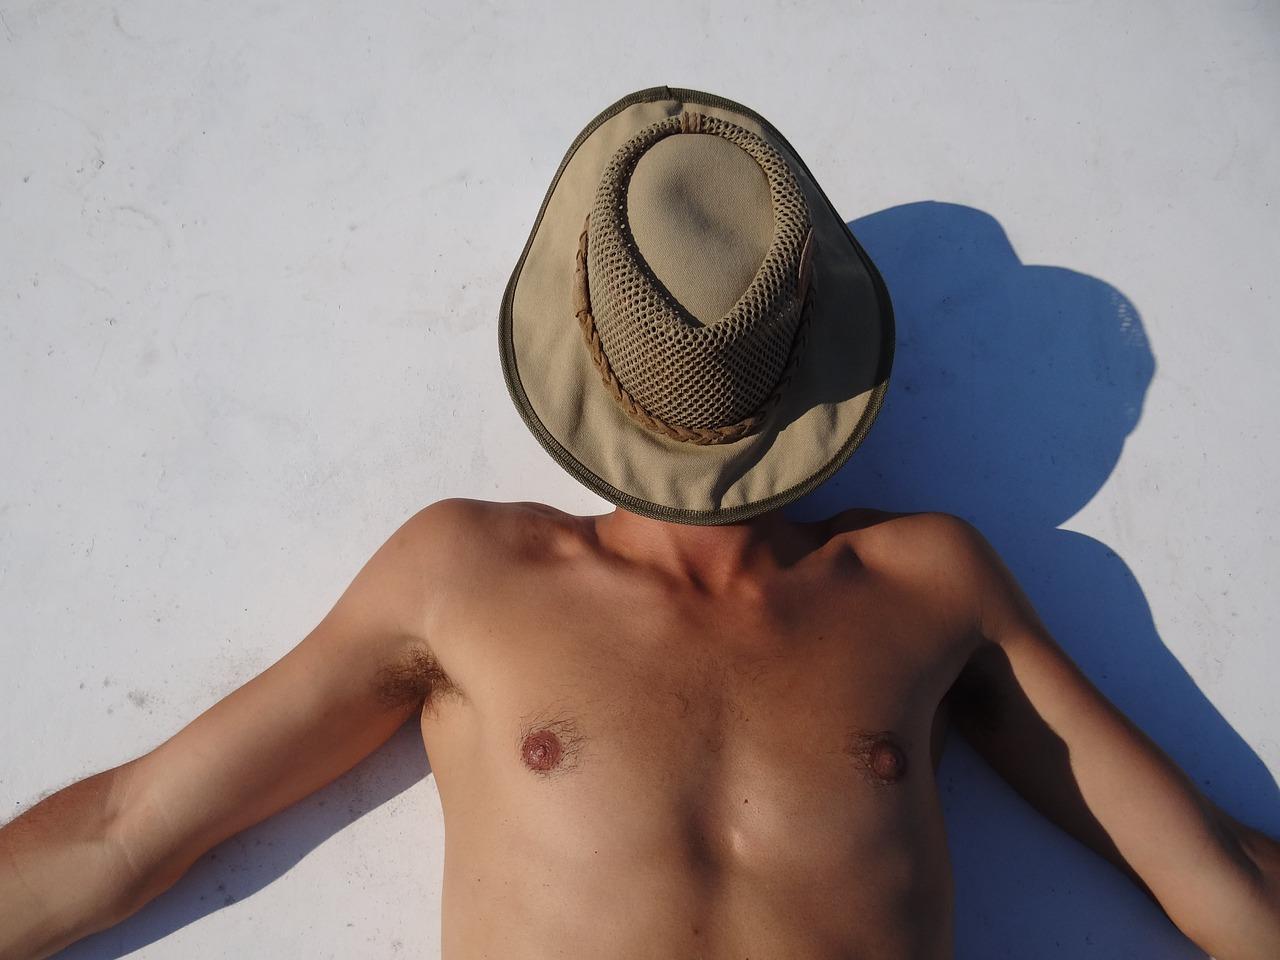 ¿Por qué usar protector solar todos los días?